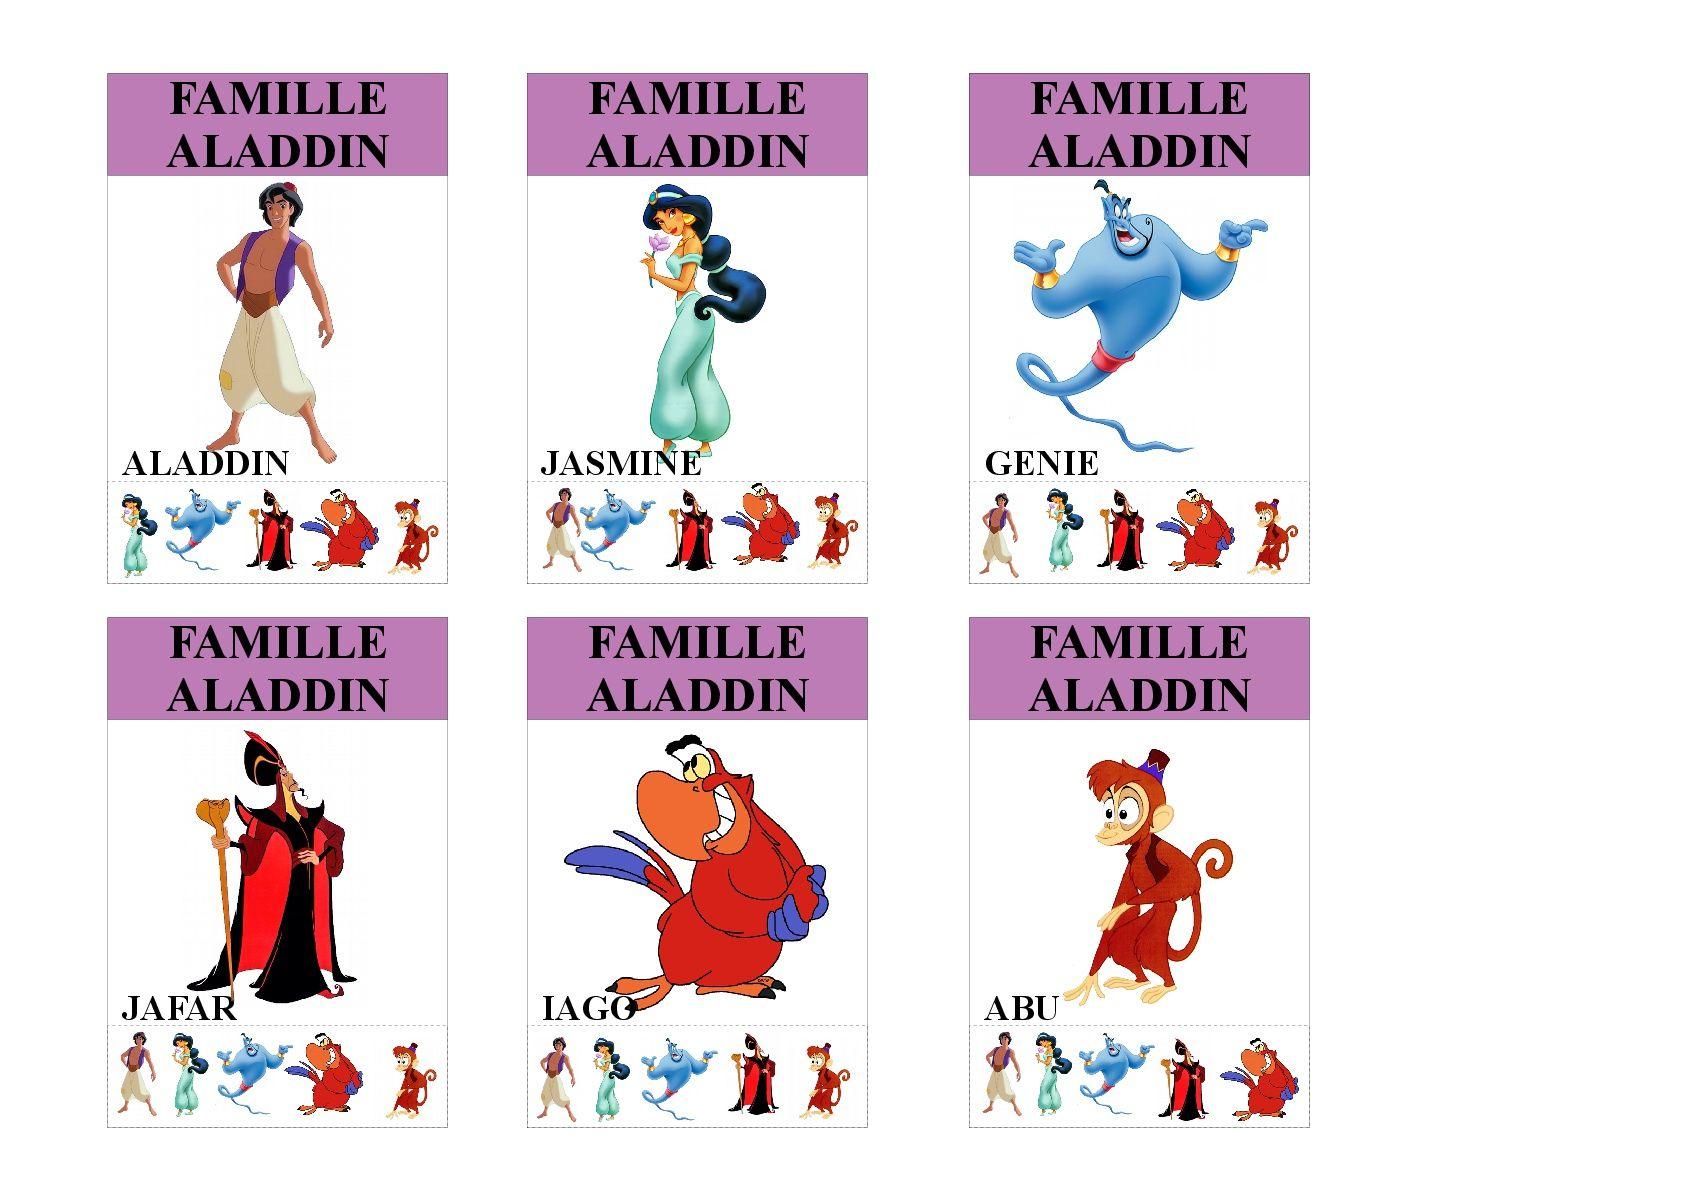 Famille Aladdin Jeu Des 7 Familles Utilisable Pour Les Plus Jeunes Vu Que Tous Les Membres Des Familles Sont Indique Jeux Des 7 Familles Famille Disney Aladdin